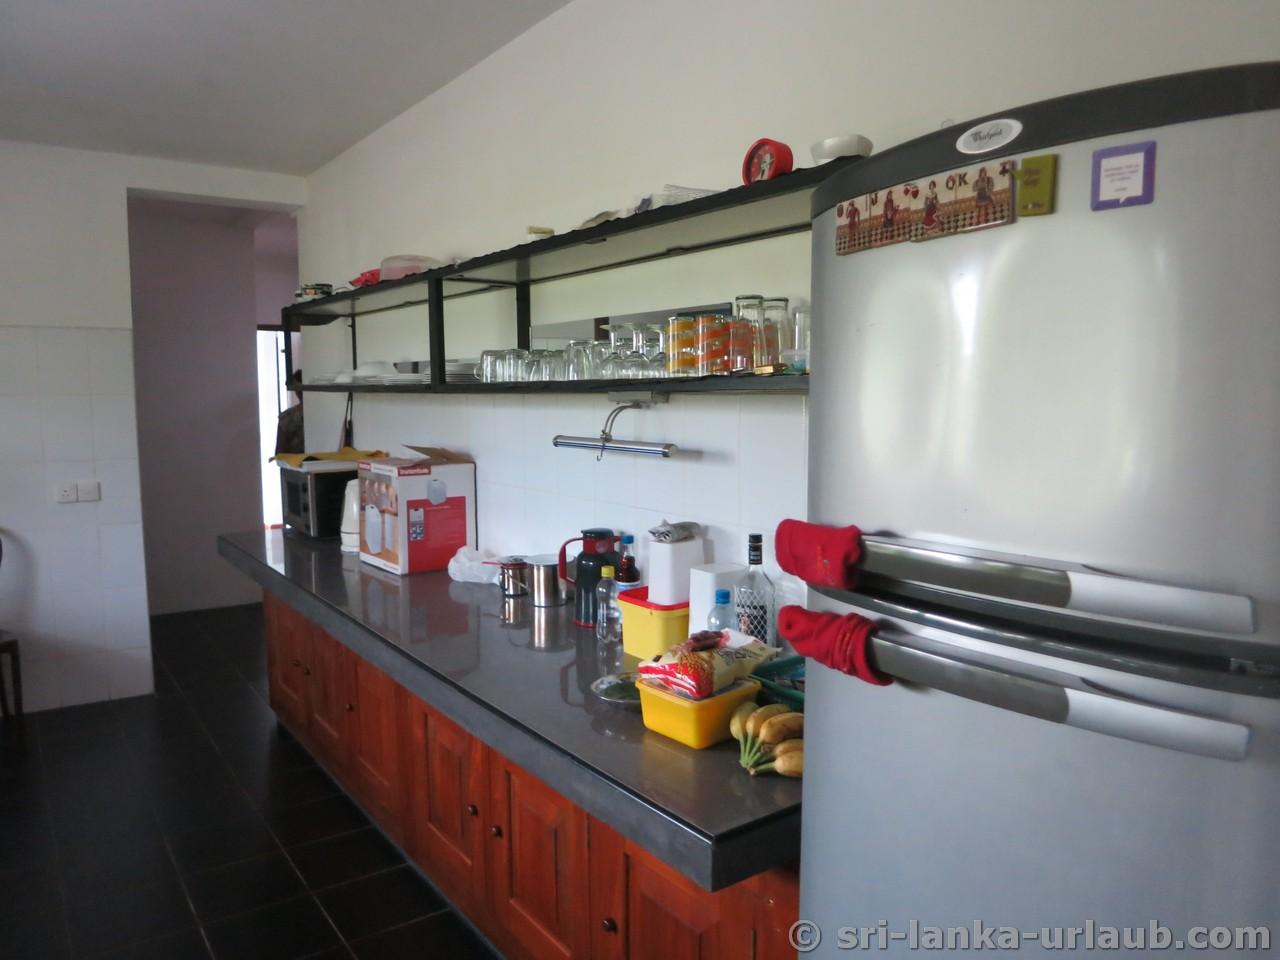 haus srilanka 20 sri lanka urlaub. Black Bedroom Furniture Sets. Home Design Ideas